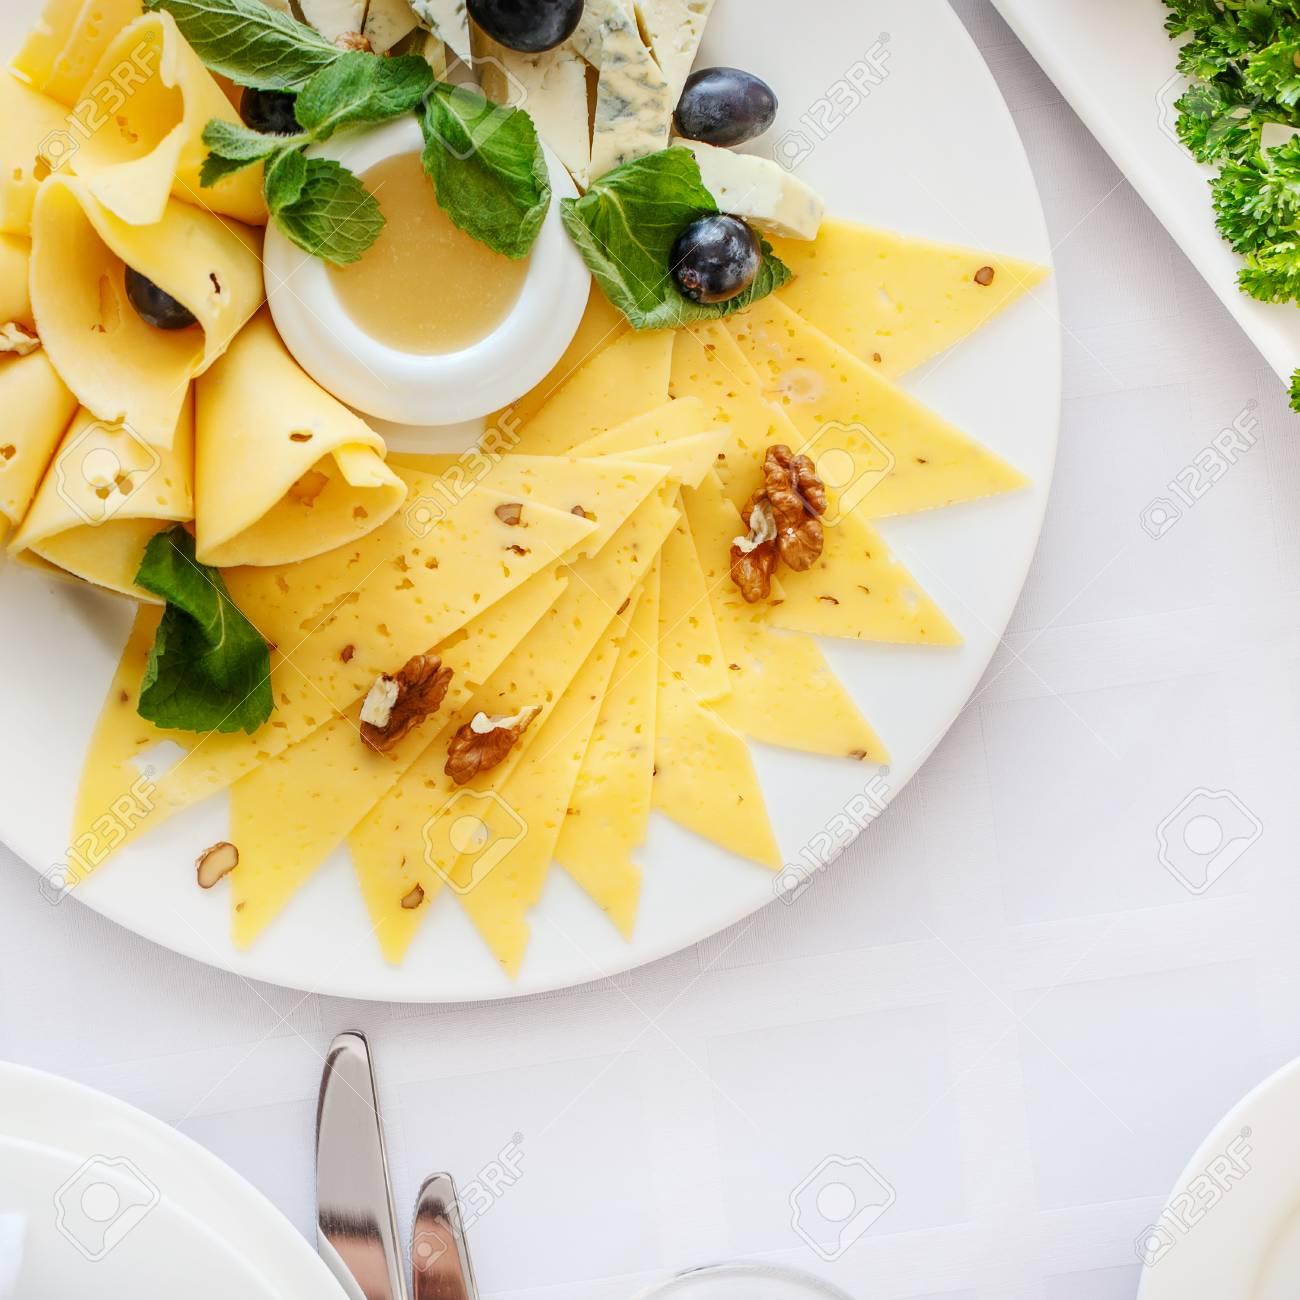 assiette de fromage different a la table de banquet dans un restaurant servi avec differents repas pret pour la reception de mariage